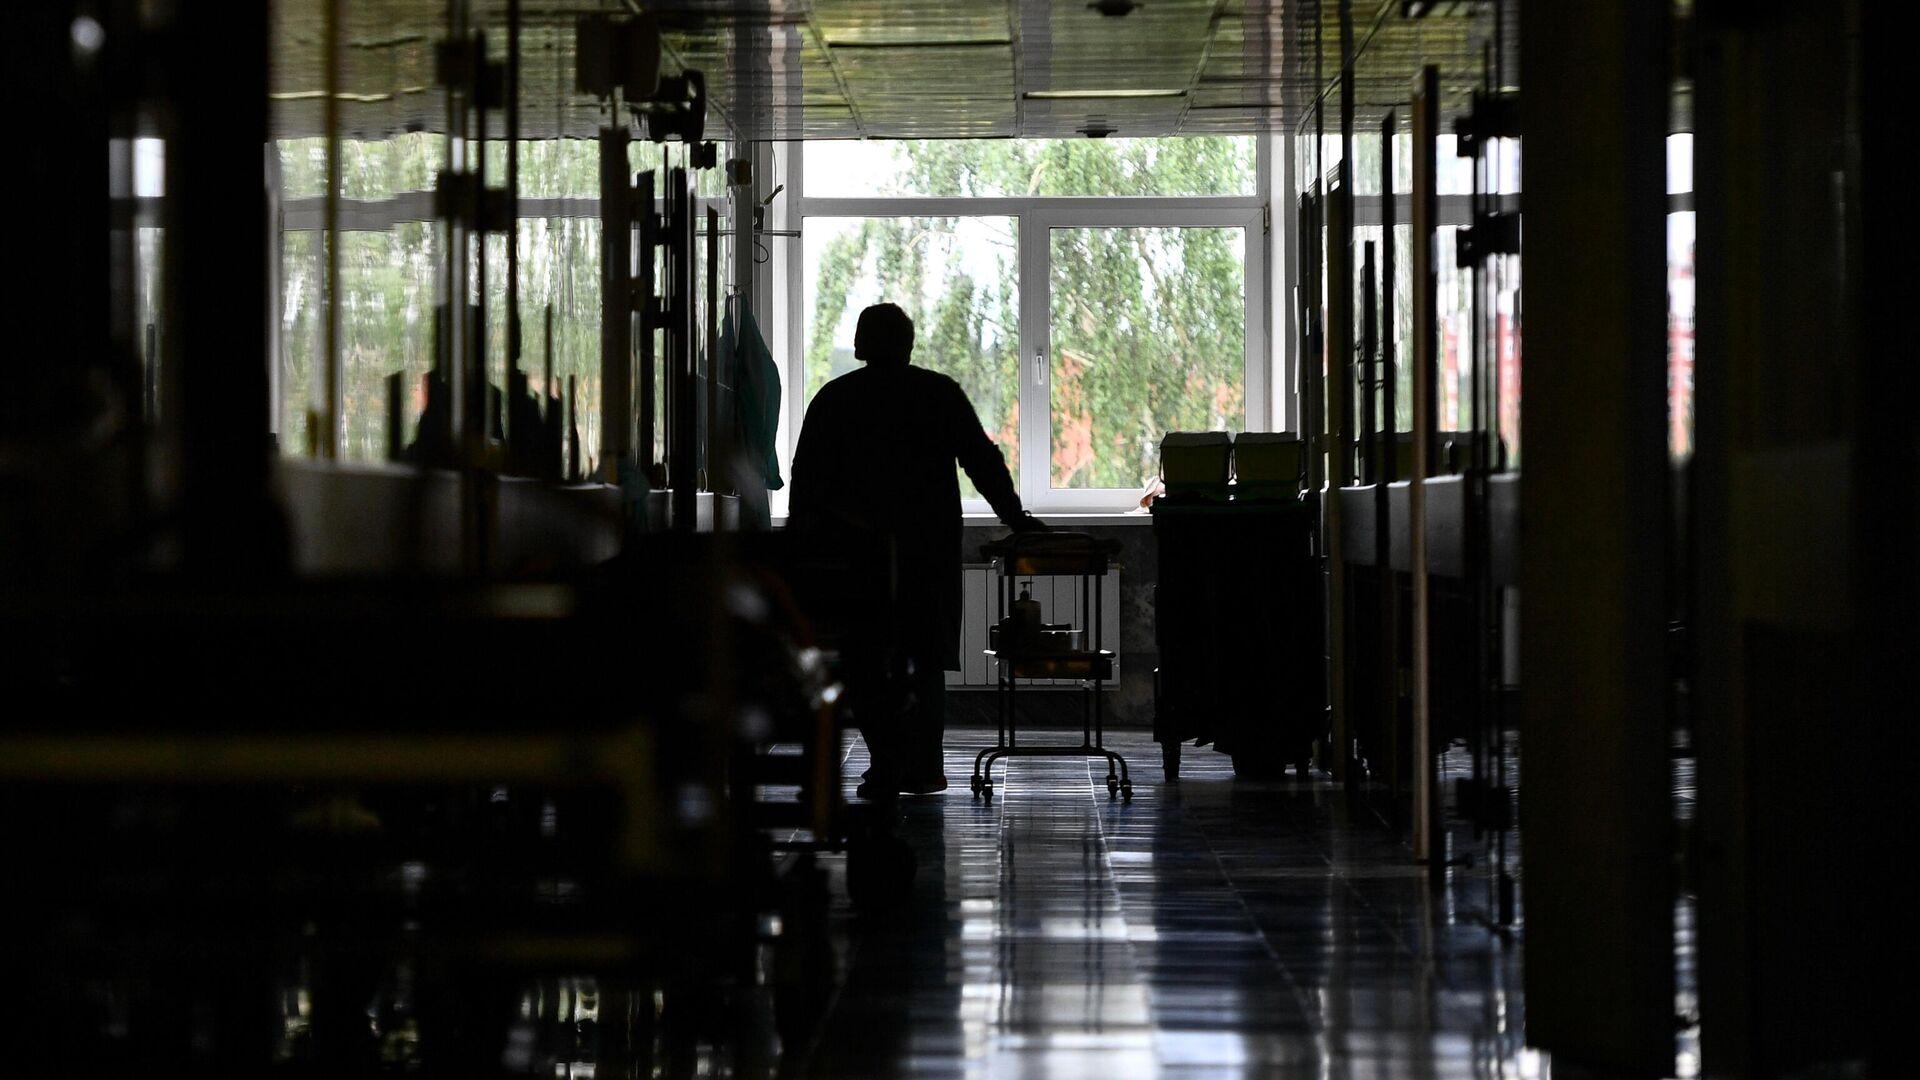 В Ярославле отстранили от работы санитаров, избивших пациентку